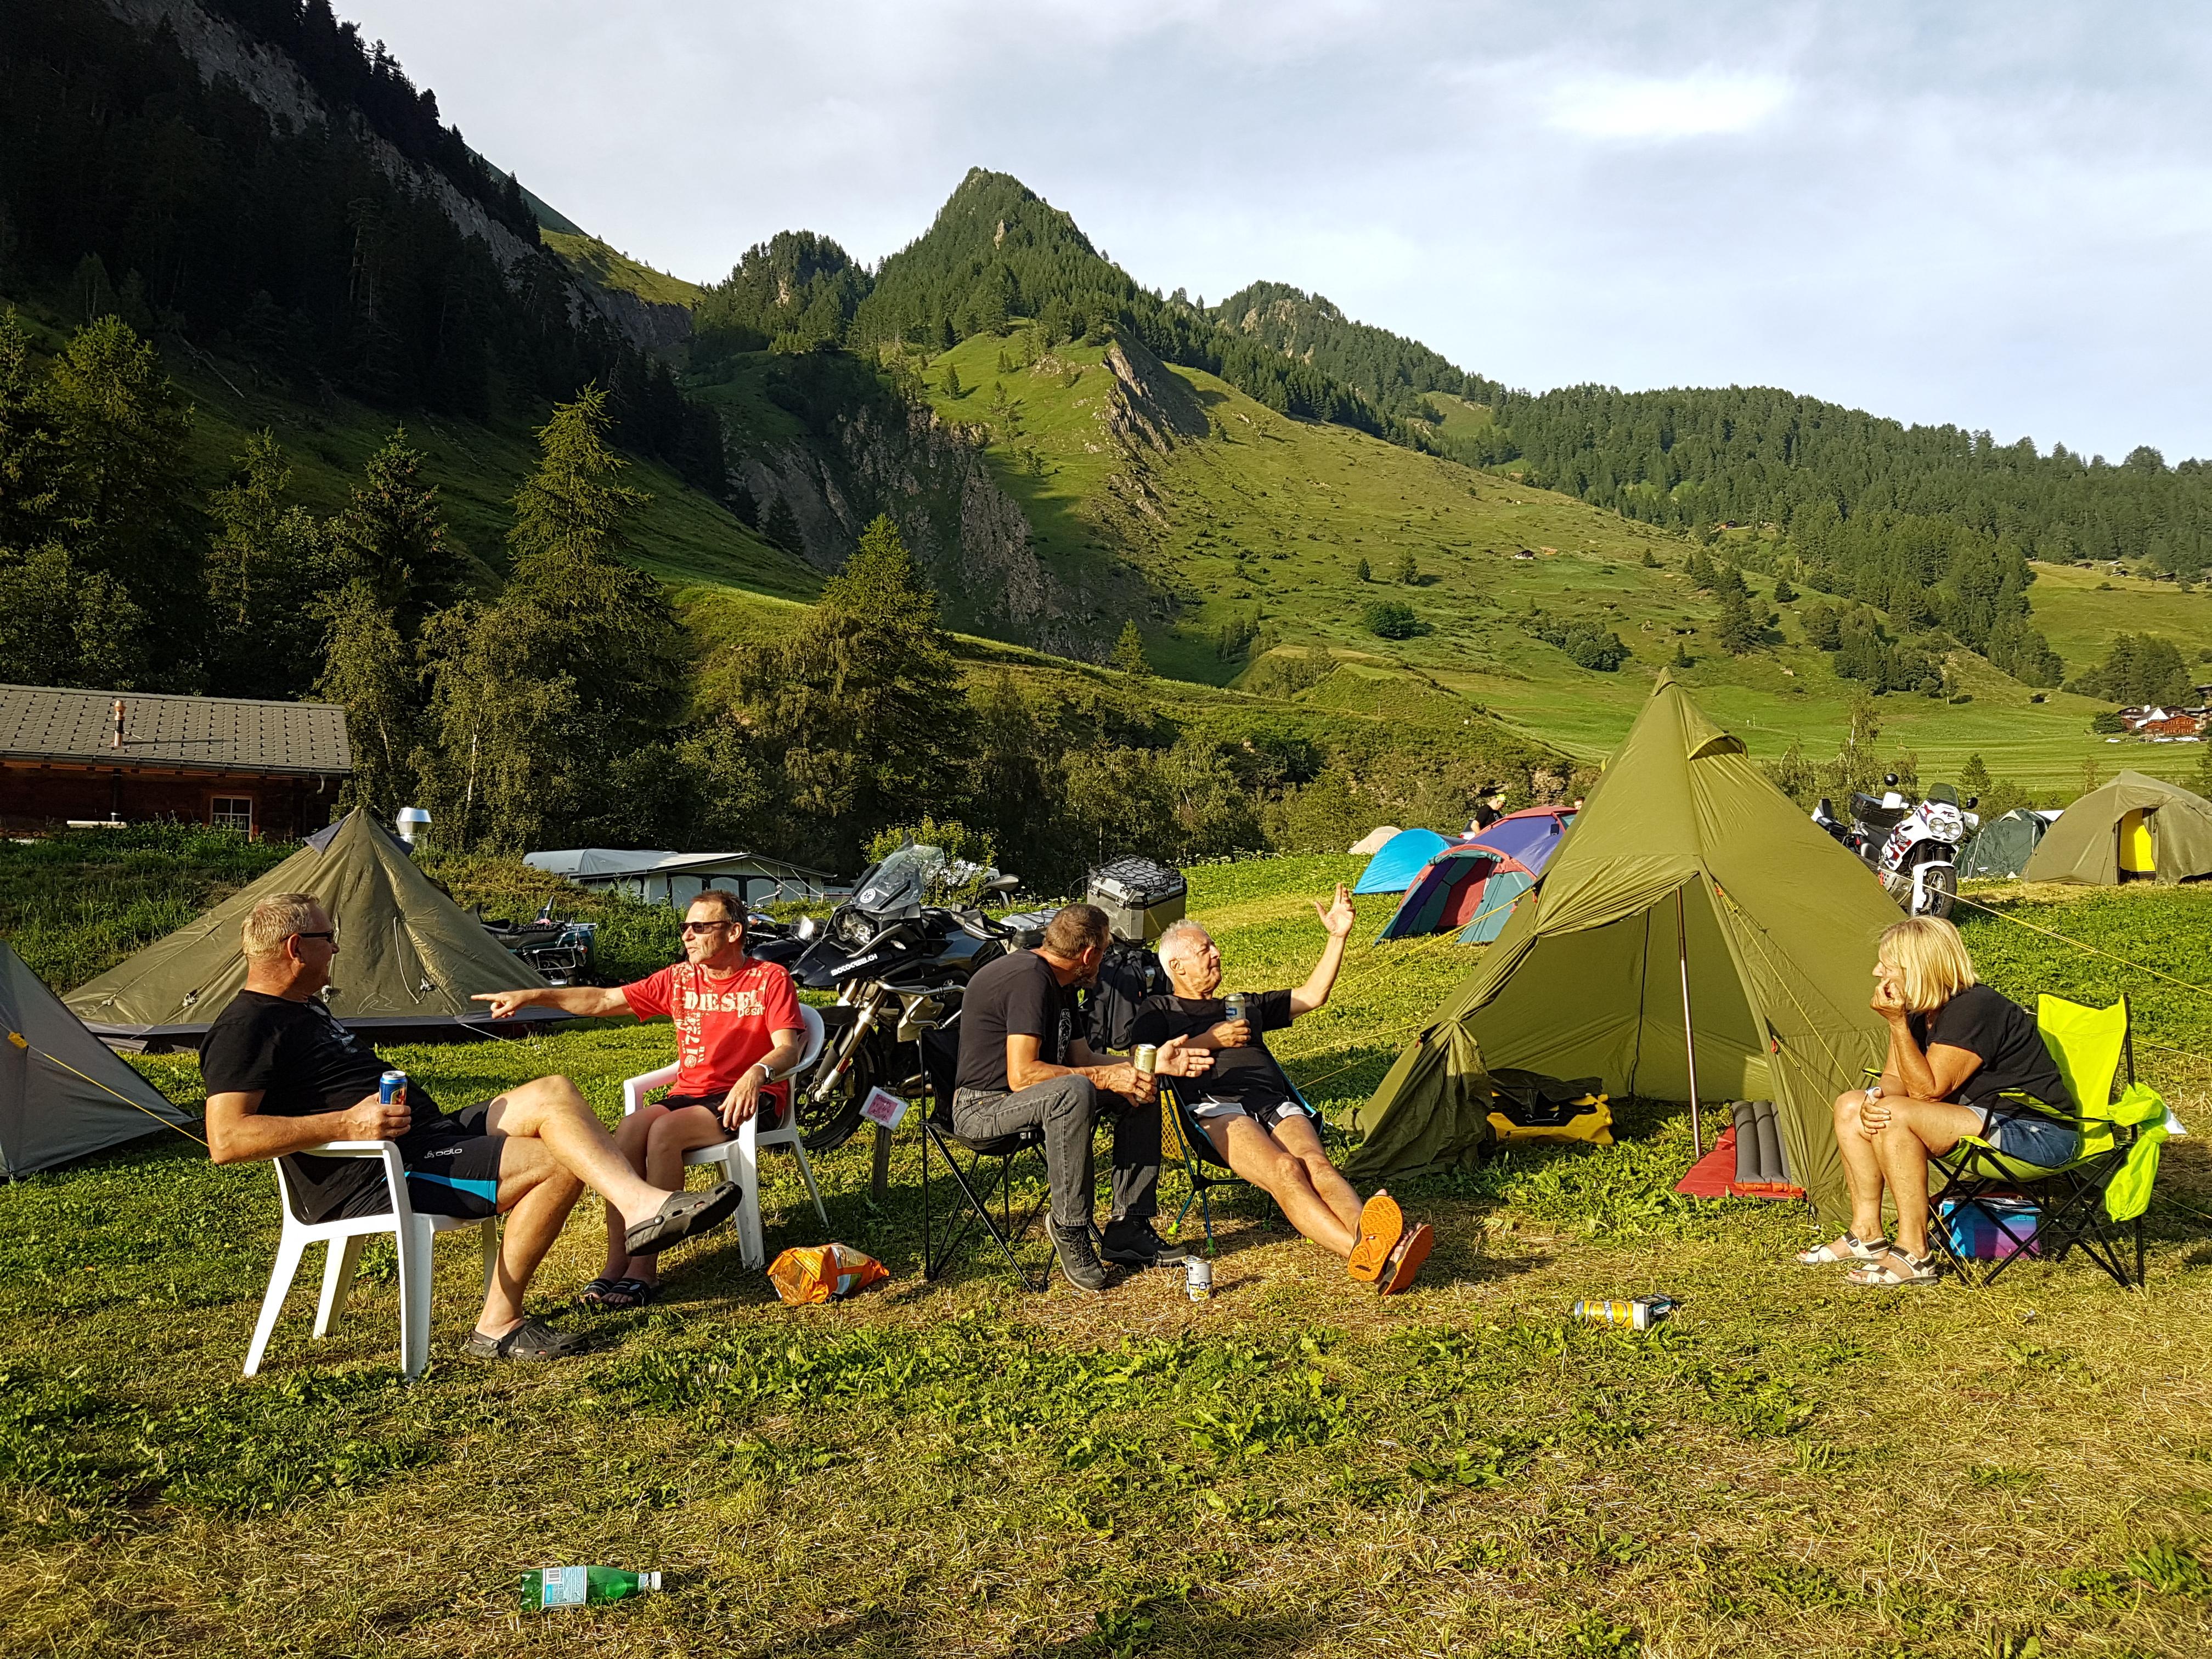 2019-08-09 Camping Binntal (08)